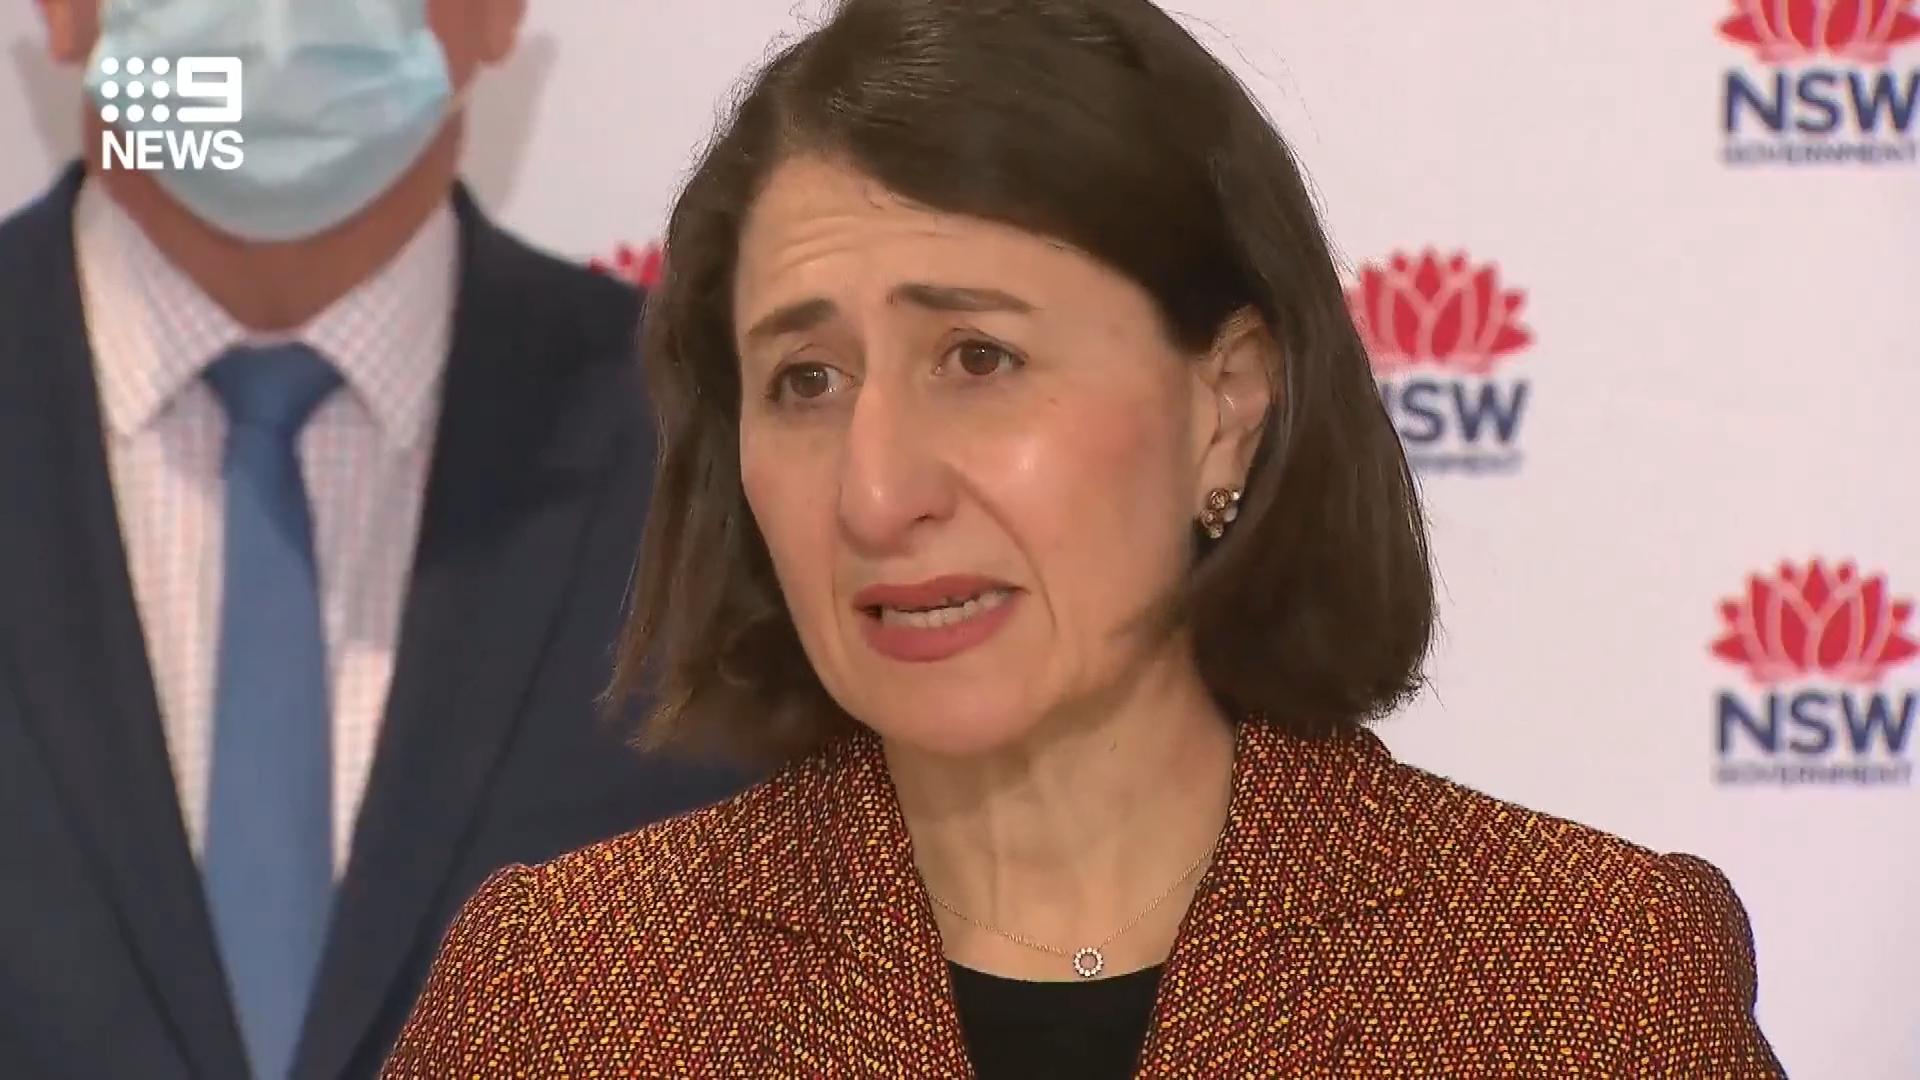 NSW records 145 new local COVID-19 cases